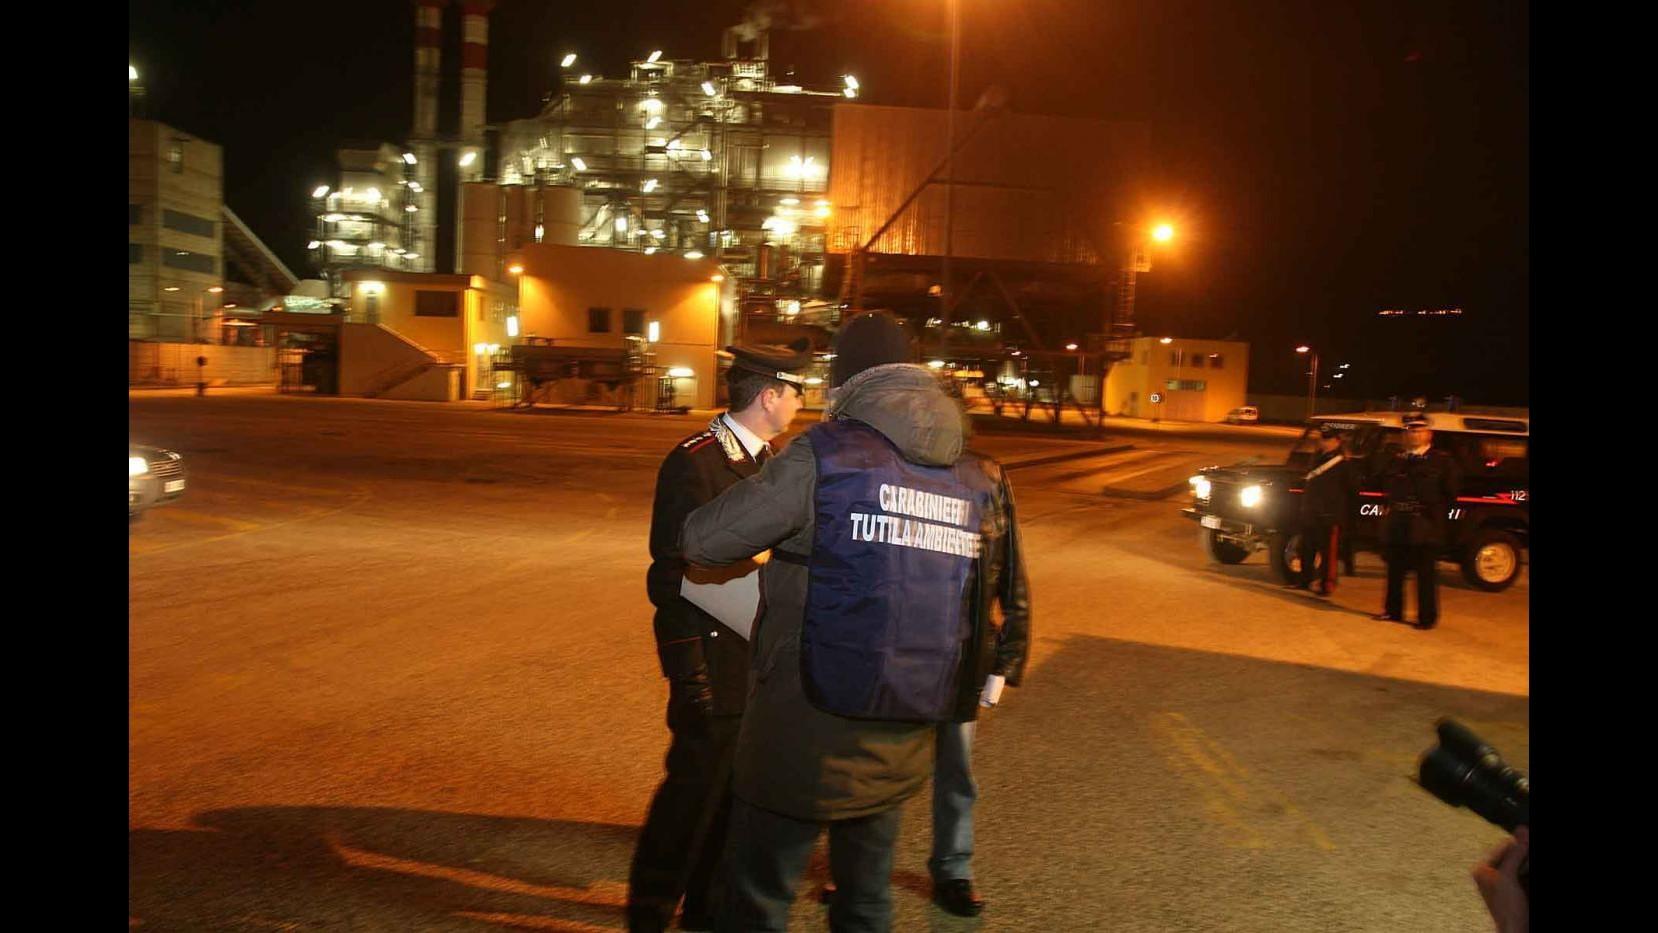 Napoli, appalti pubblici: 11 arresti, in manette il sindaco di Ischia